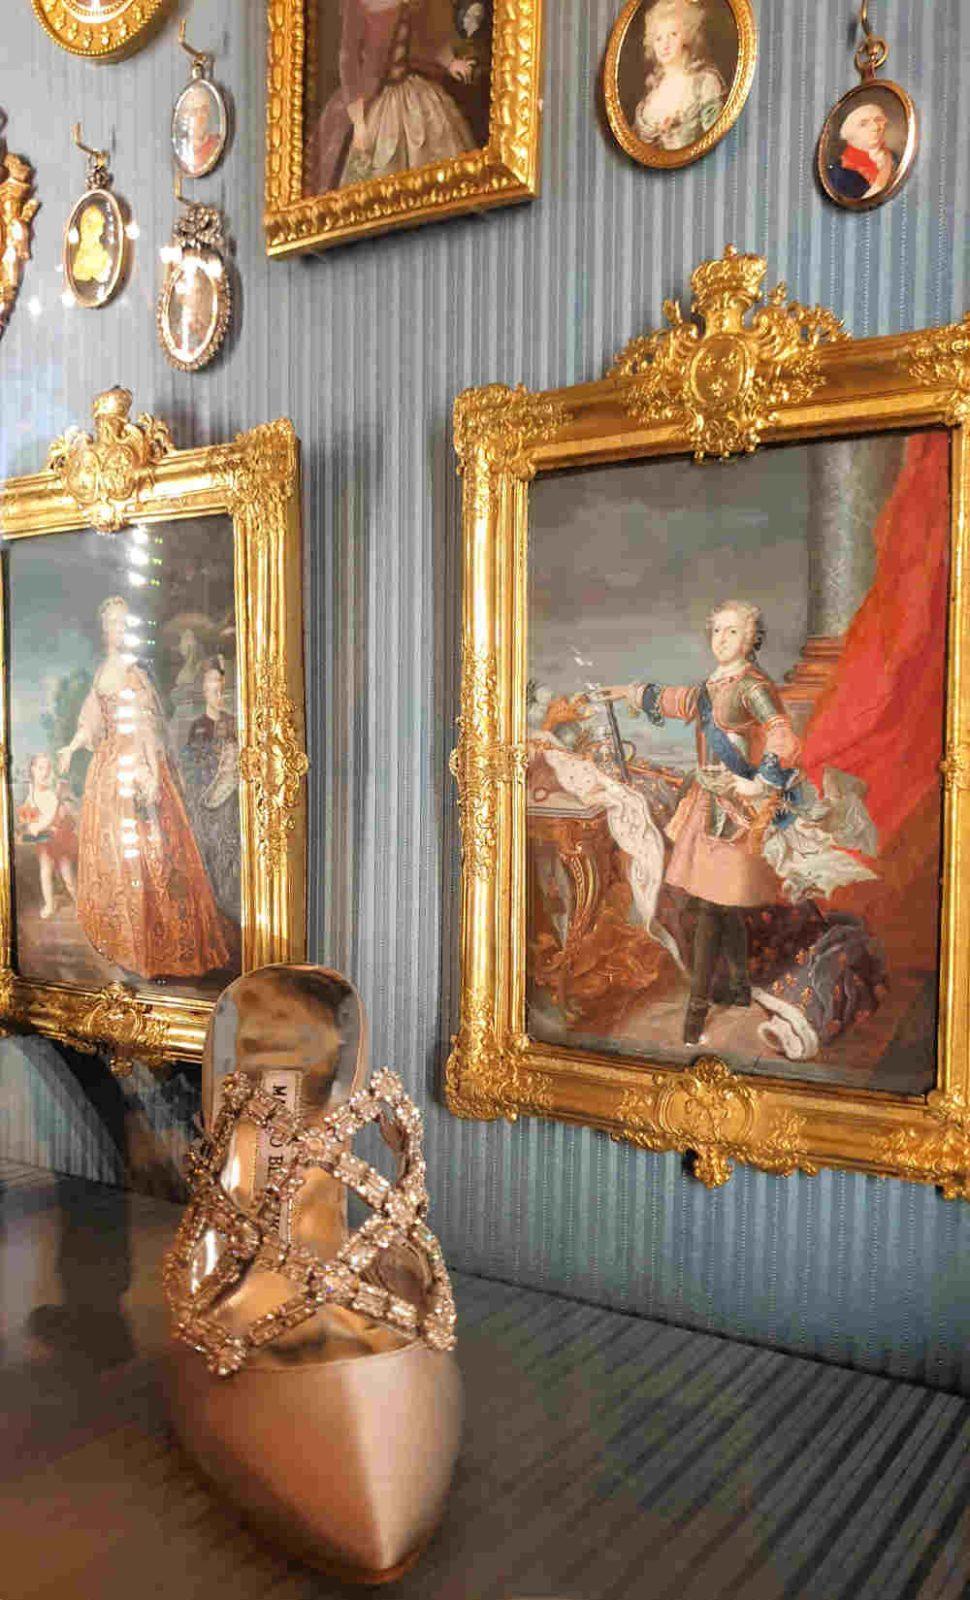 Boudoir Cabinet, Wallace, Manolo Blahnik